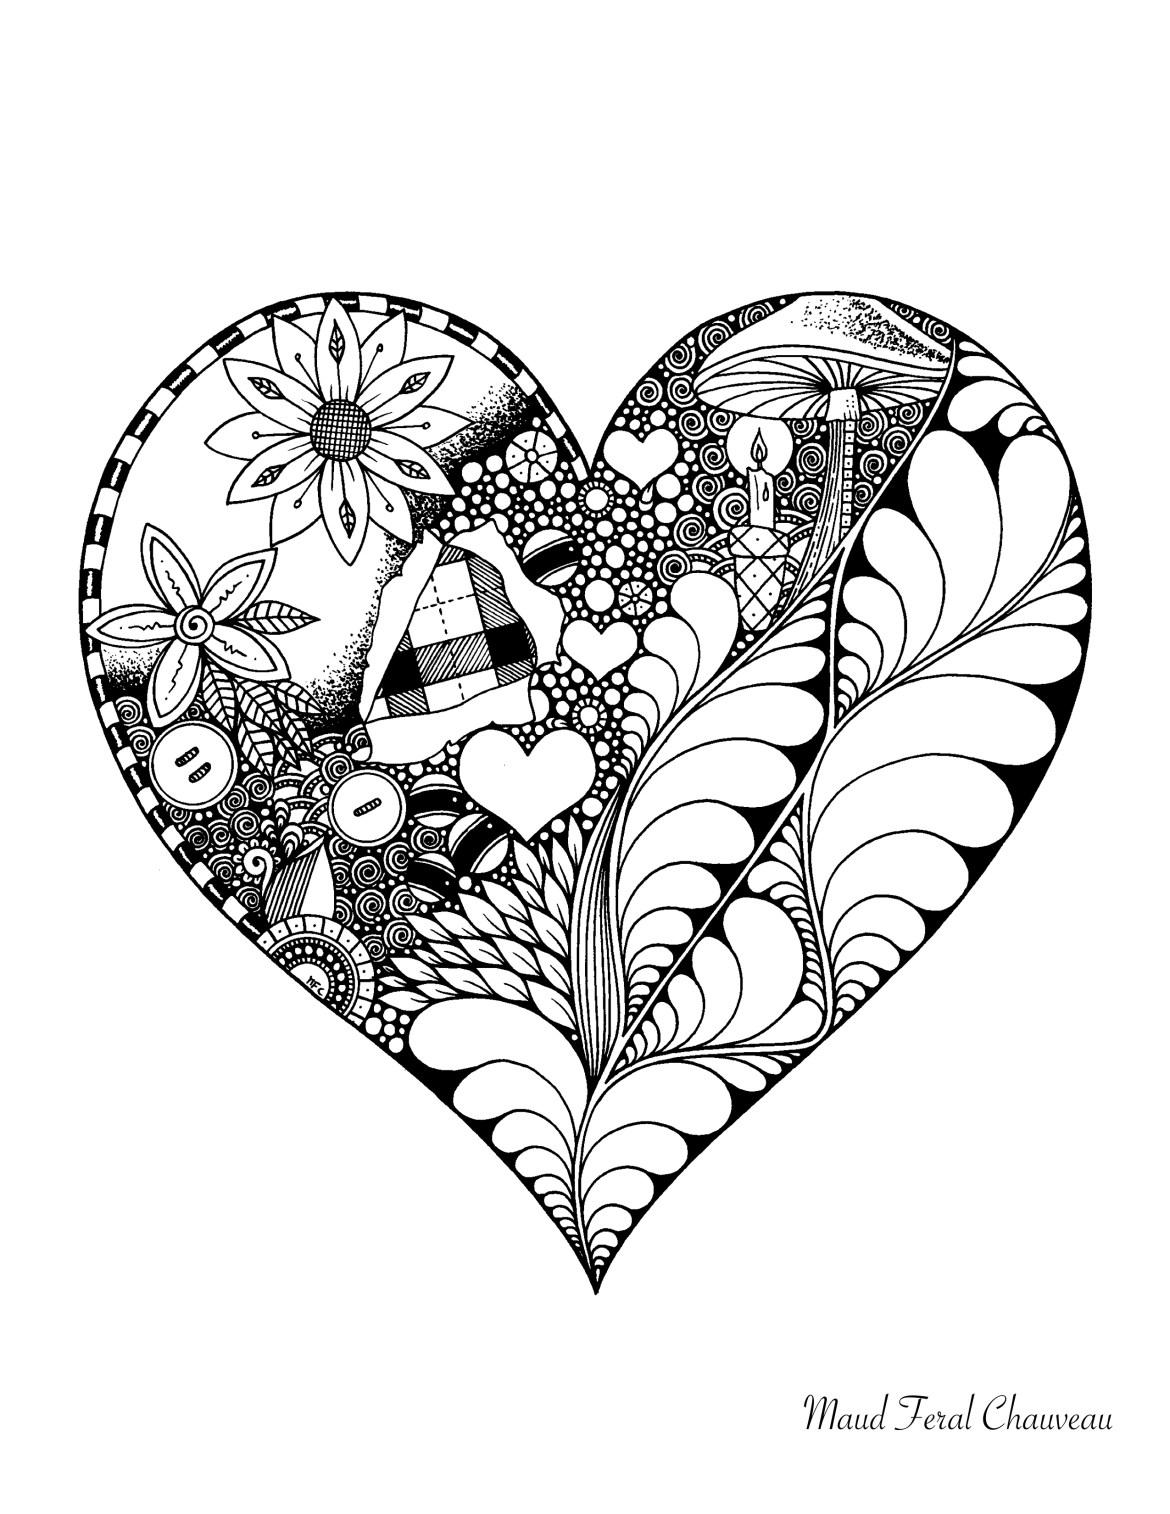 Coloriage doodle coeur st-valentin par Maud Feral